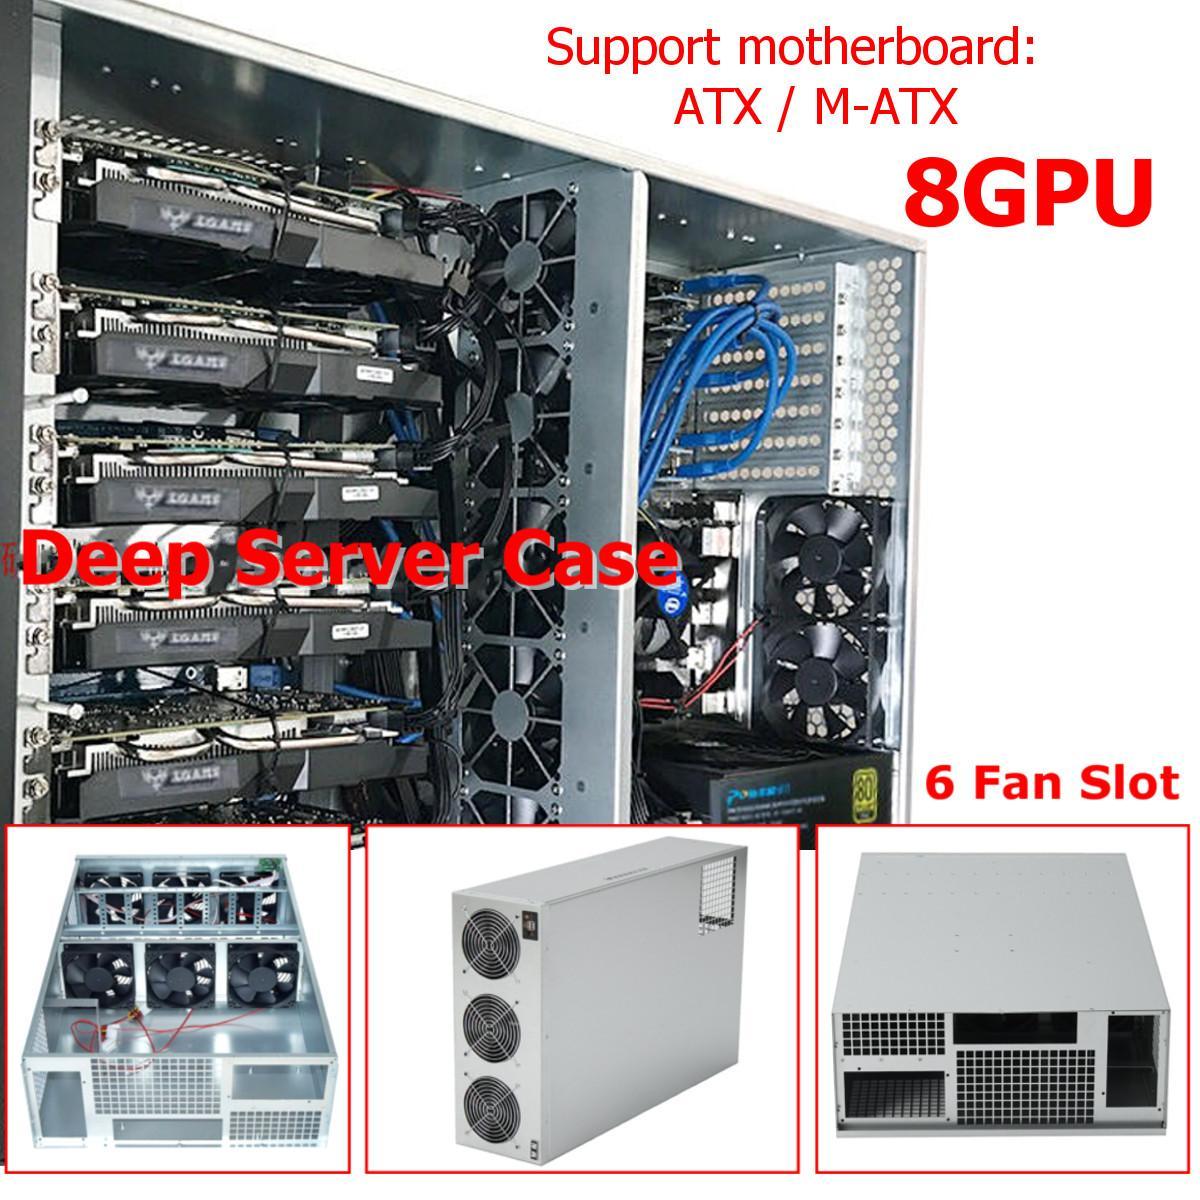 670x430x177 MM Empilable 8U Profonde Serveur Cas Ouvert Air Minière Cadre Plate-Forme graphique SECC USB pour 8 GPU ETH BTC L'ethereum Mineur Machine